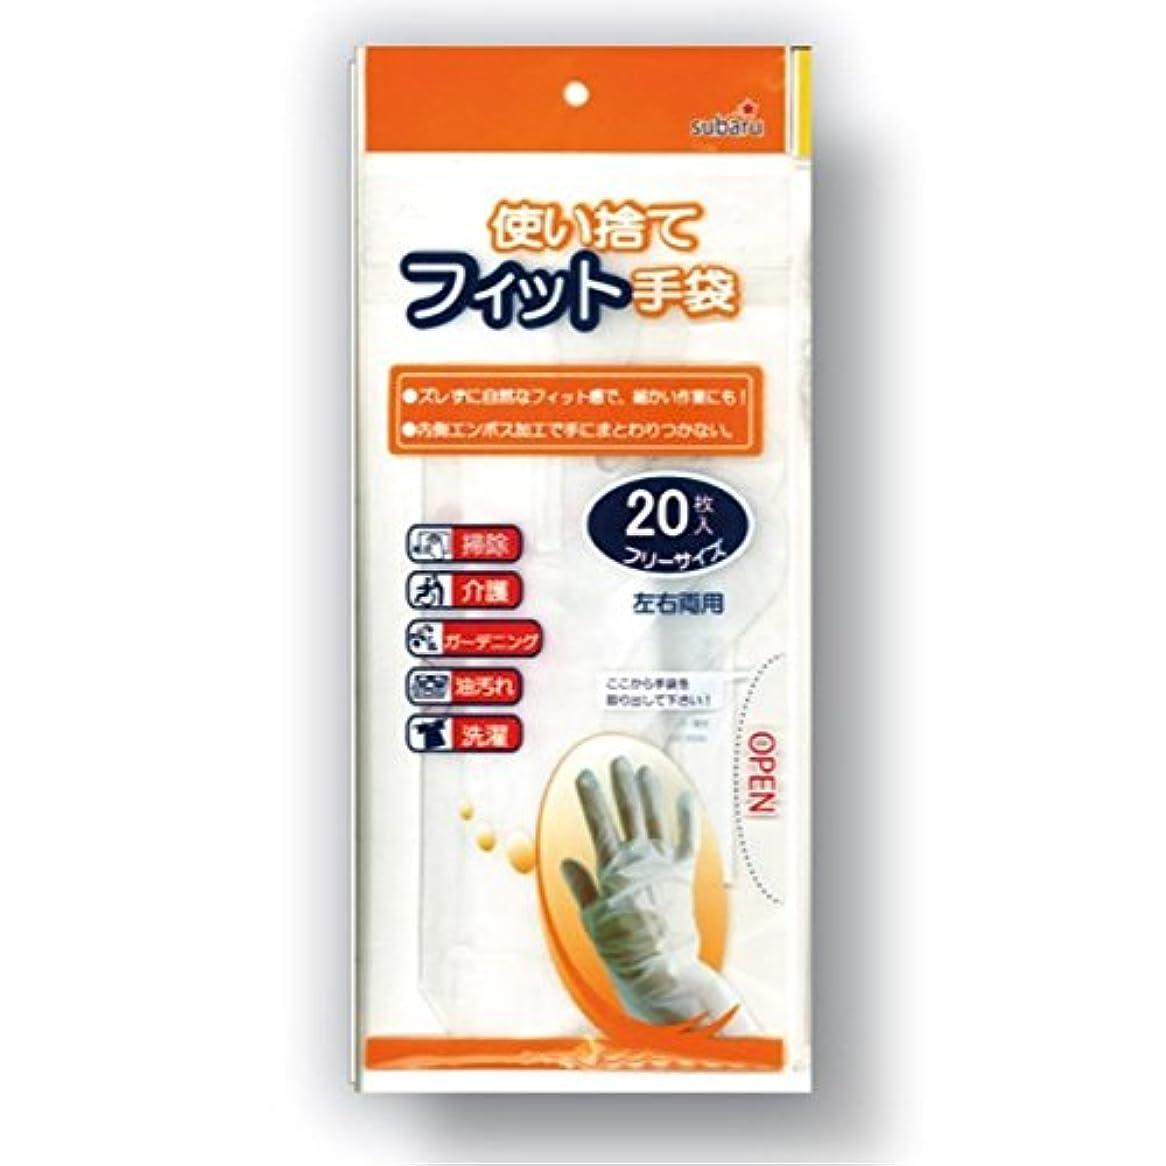 にもかかわらず風等しい使い捨てフィット手袋フリーサイズ20枚入[12個セット] 227-19